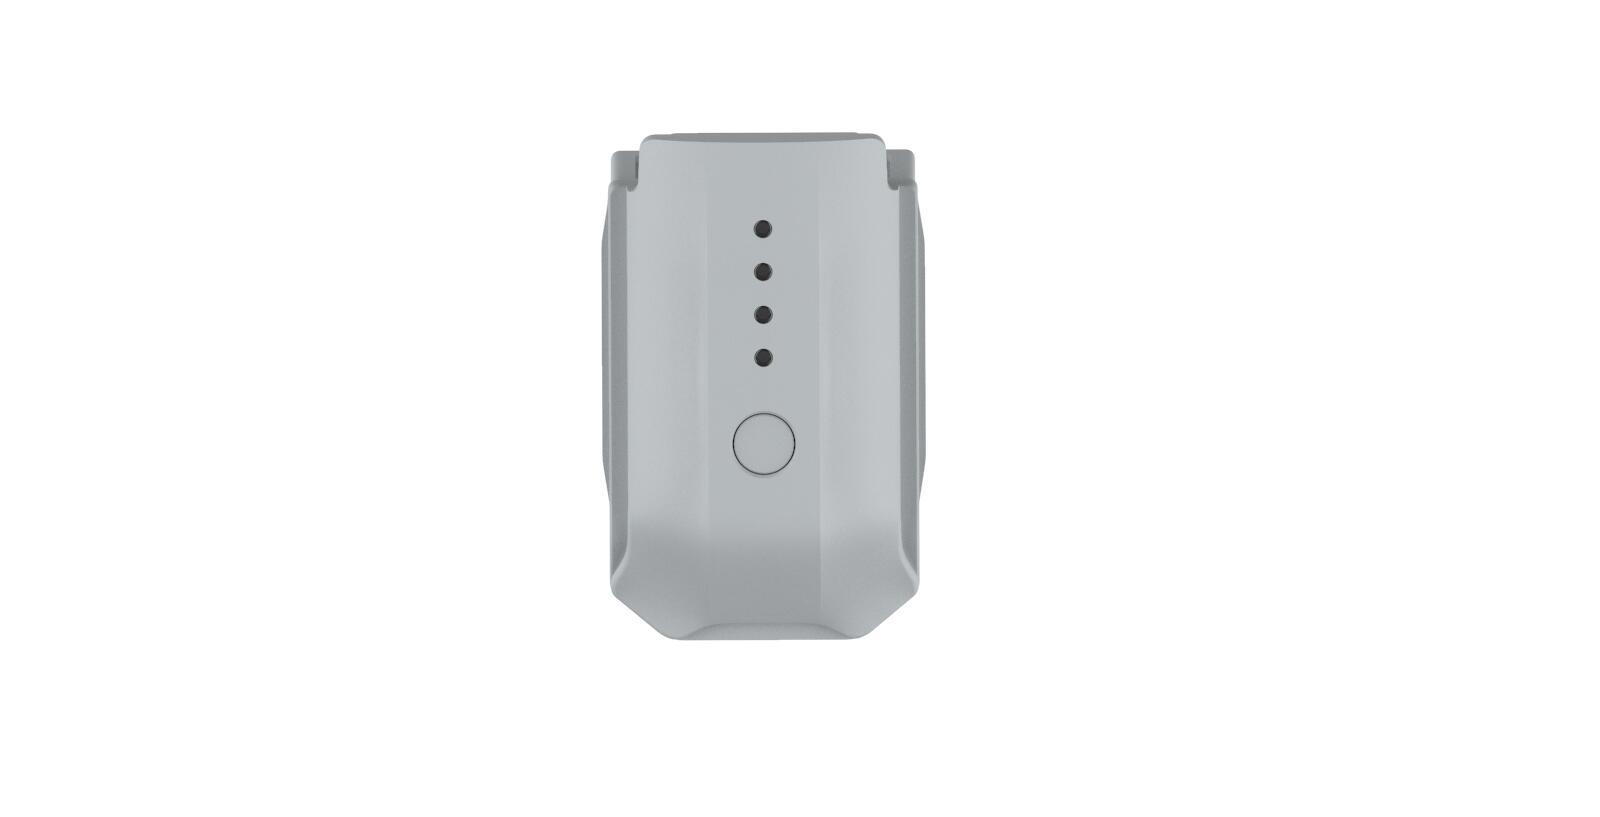 パワーエッグエックスバッテリ-(PowerEggX Intelligent Battery)